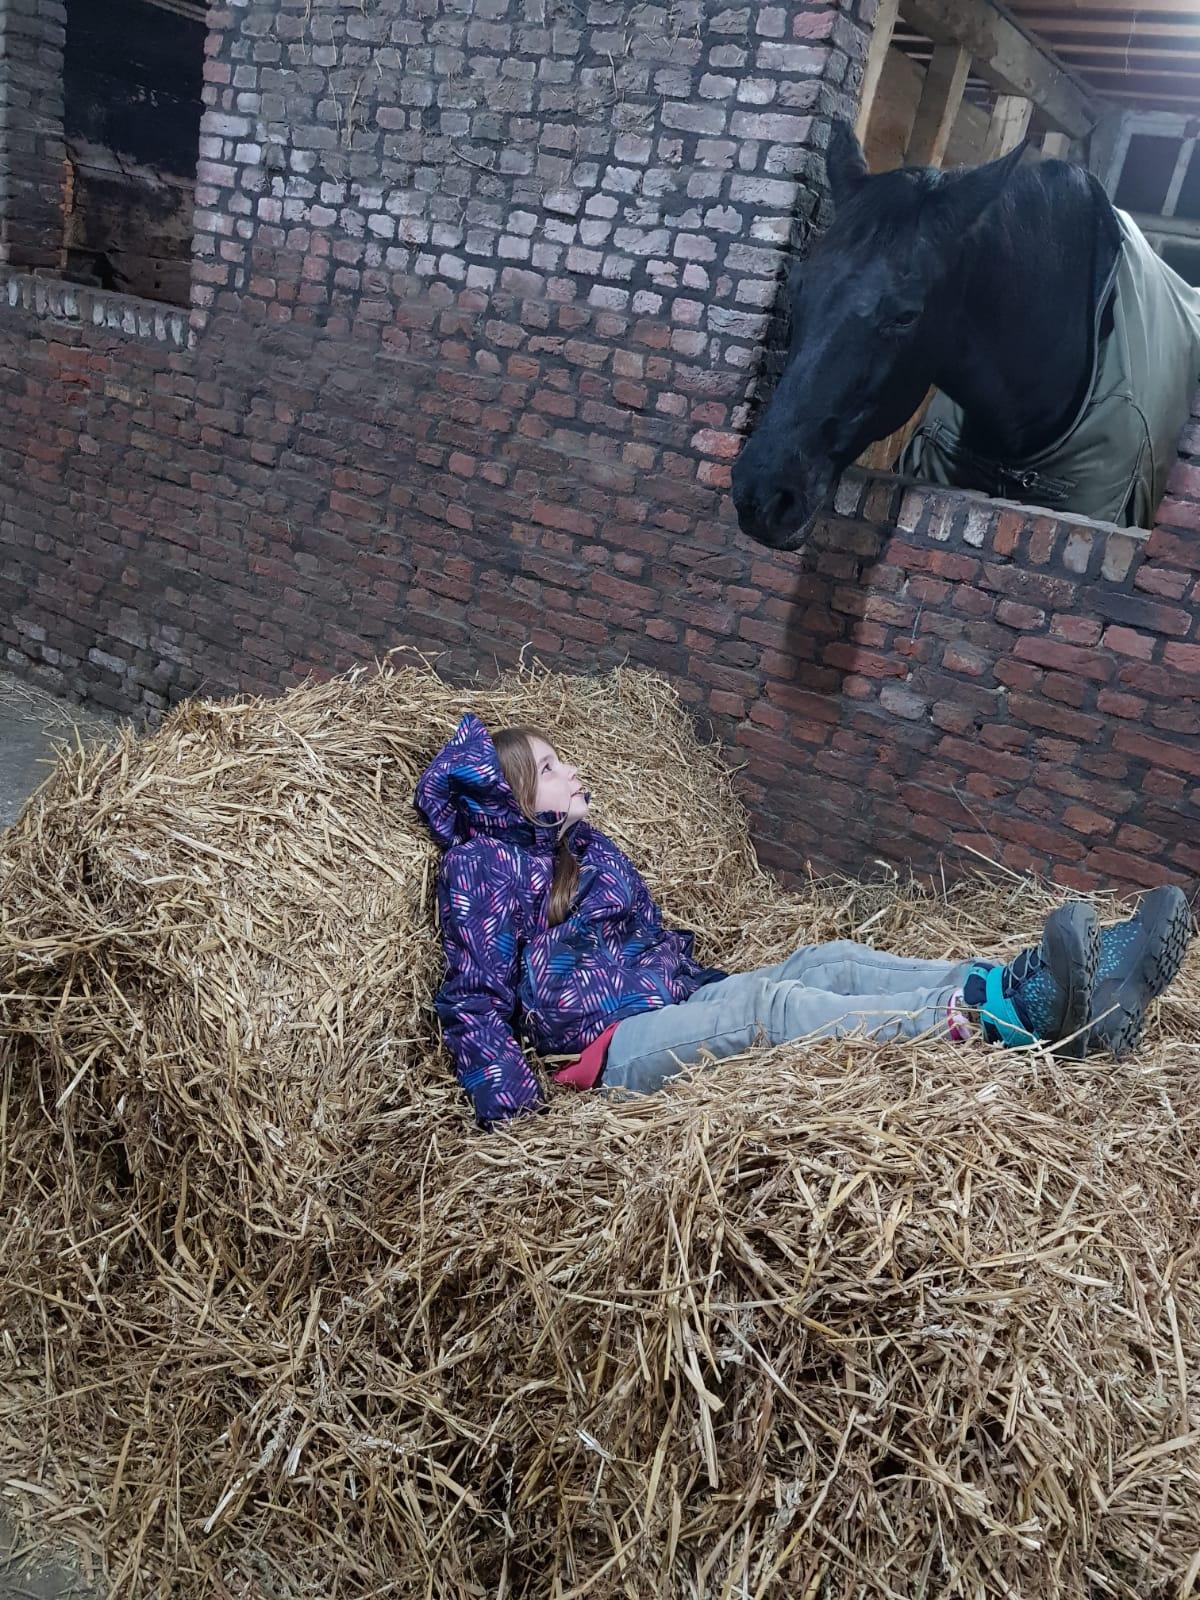 Paarden-contact-hulp-zorgboerderij-gasten-kinderen-hulp-verzorging-camping-paardenstal-zorgboerderij-Hof-van-Axel